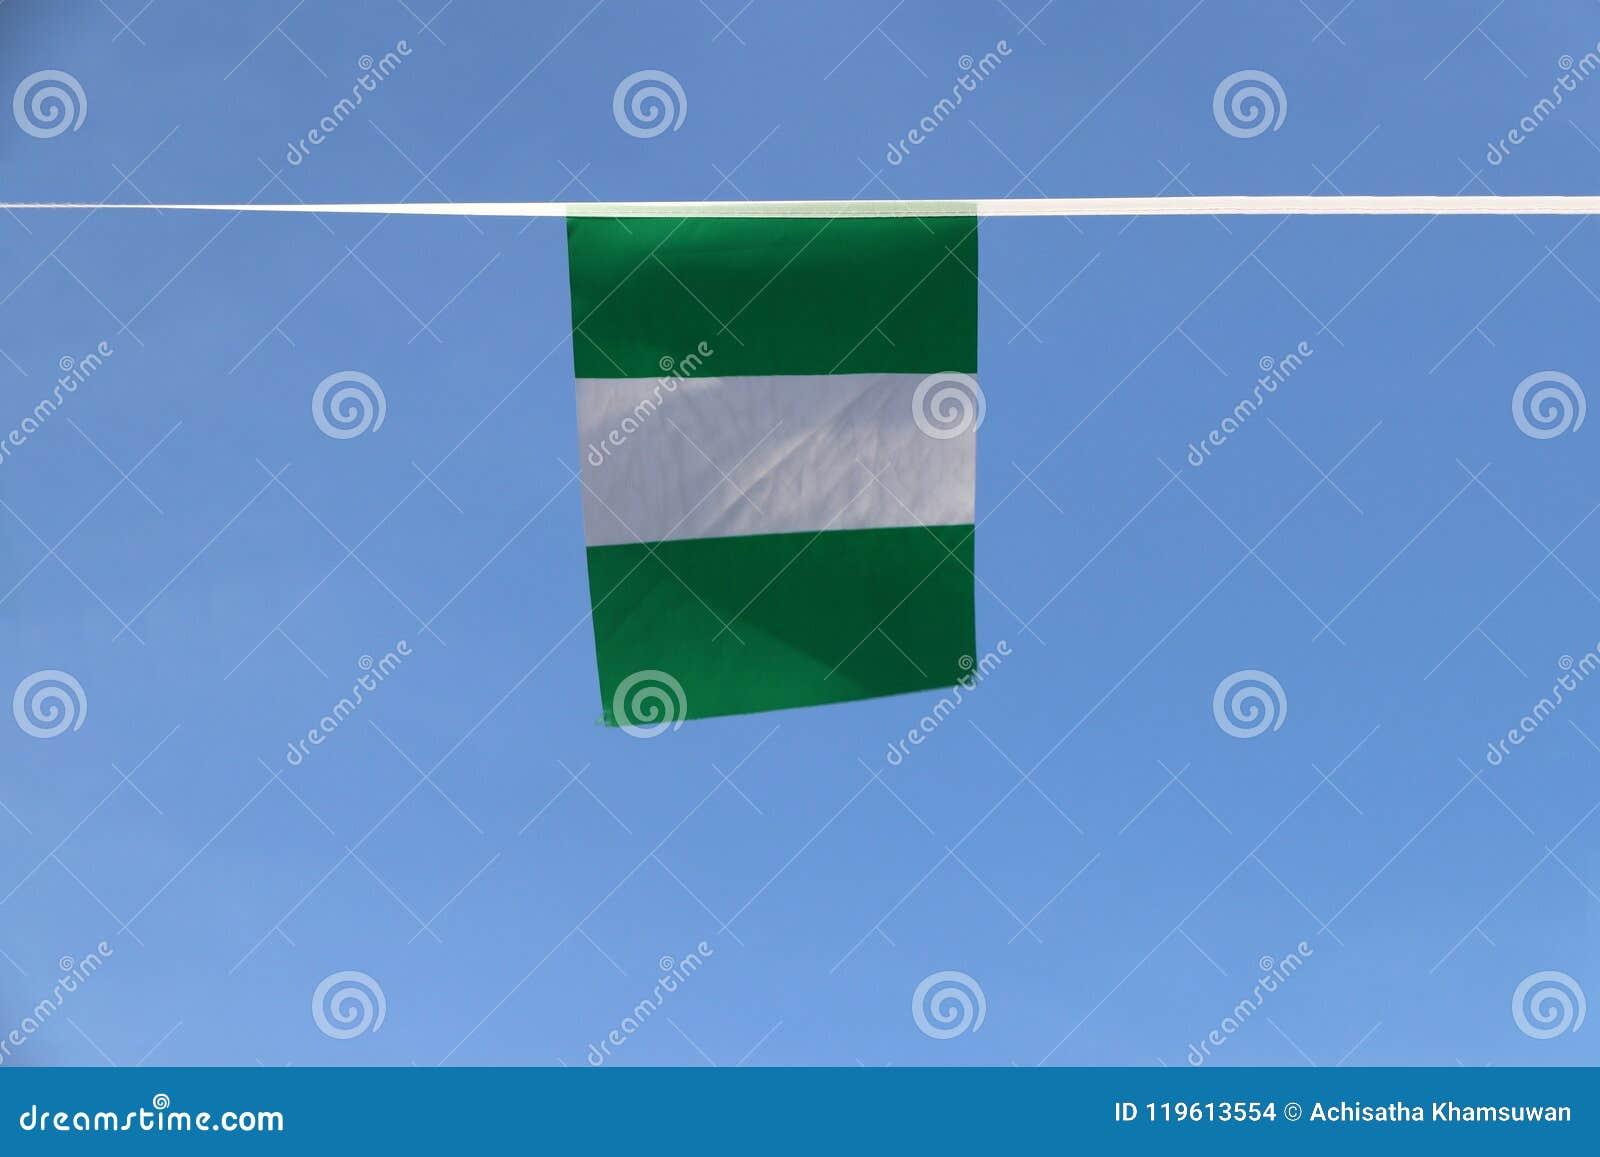 Minigewebeschienenflagge von Nigeria, die Flagge hat drei vertikale Bänder von Grünem, weiß, Grün